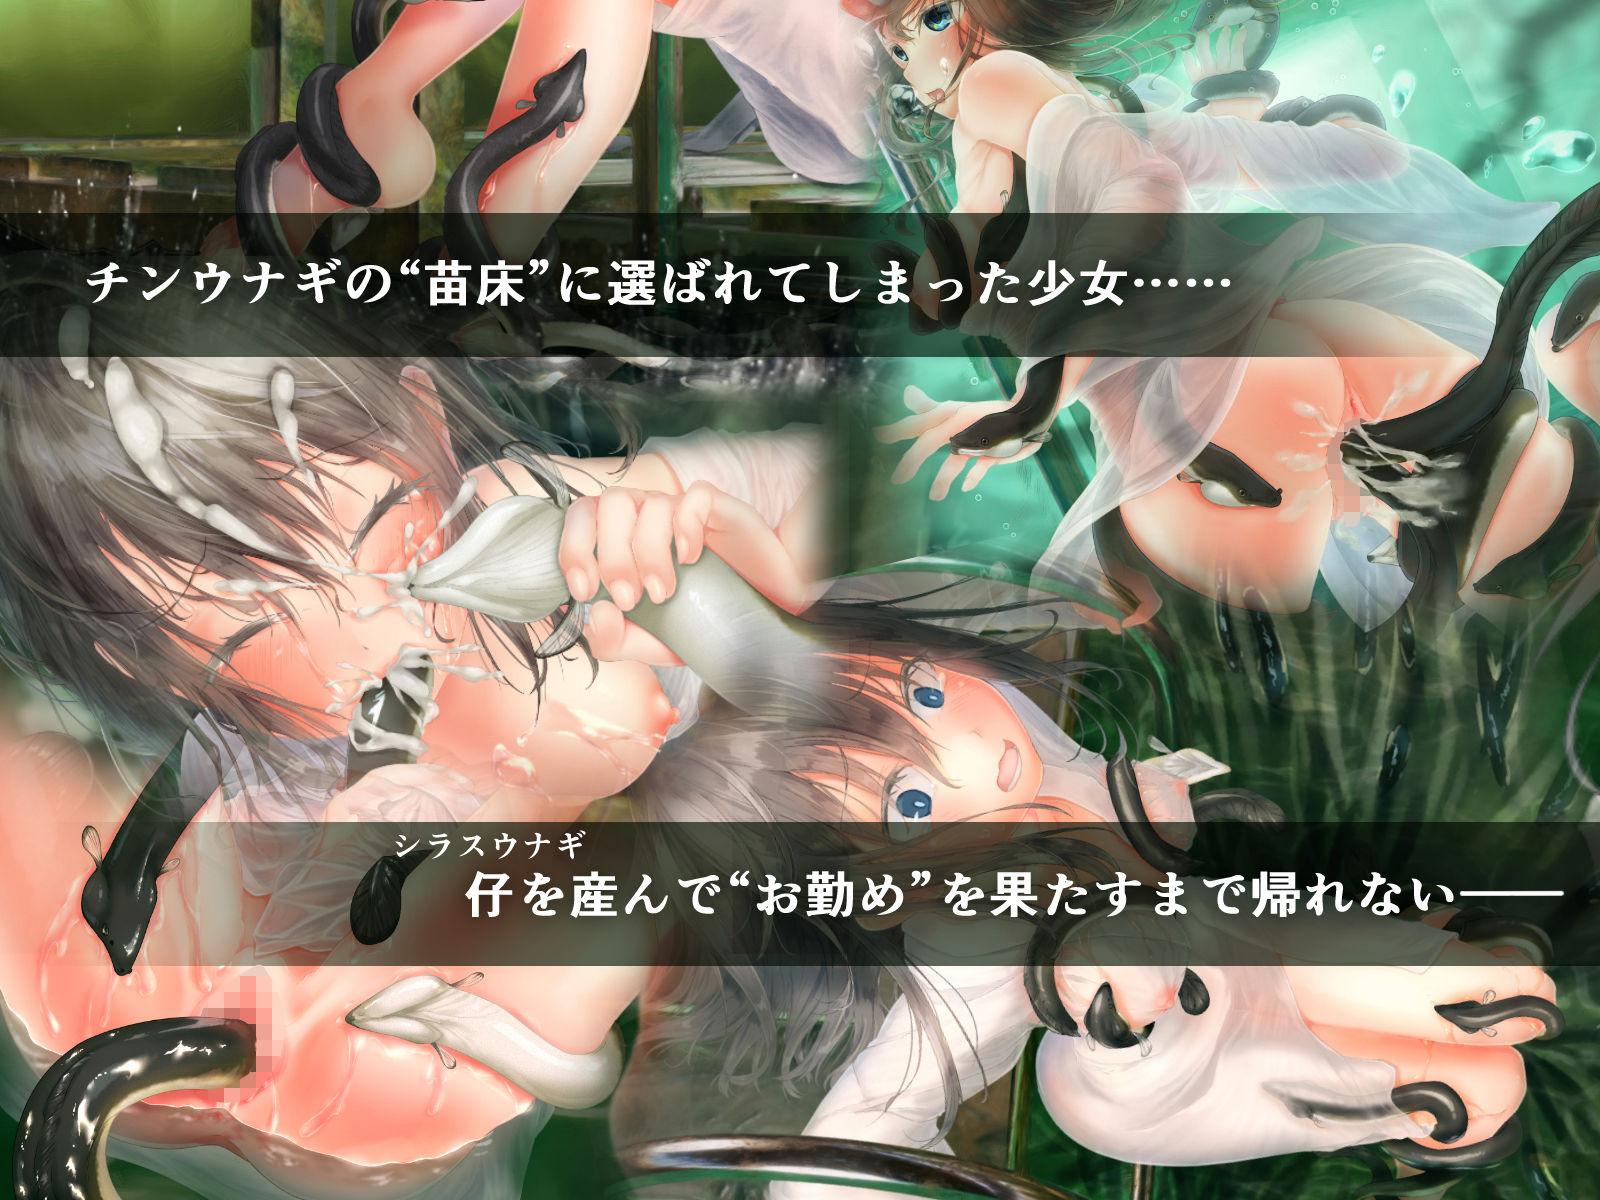 チンウナギと子作りSEX!! 〜絶滅危惧種救済計画〜